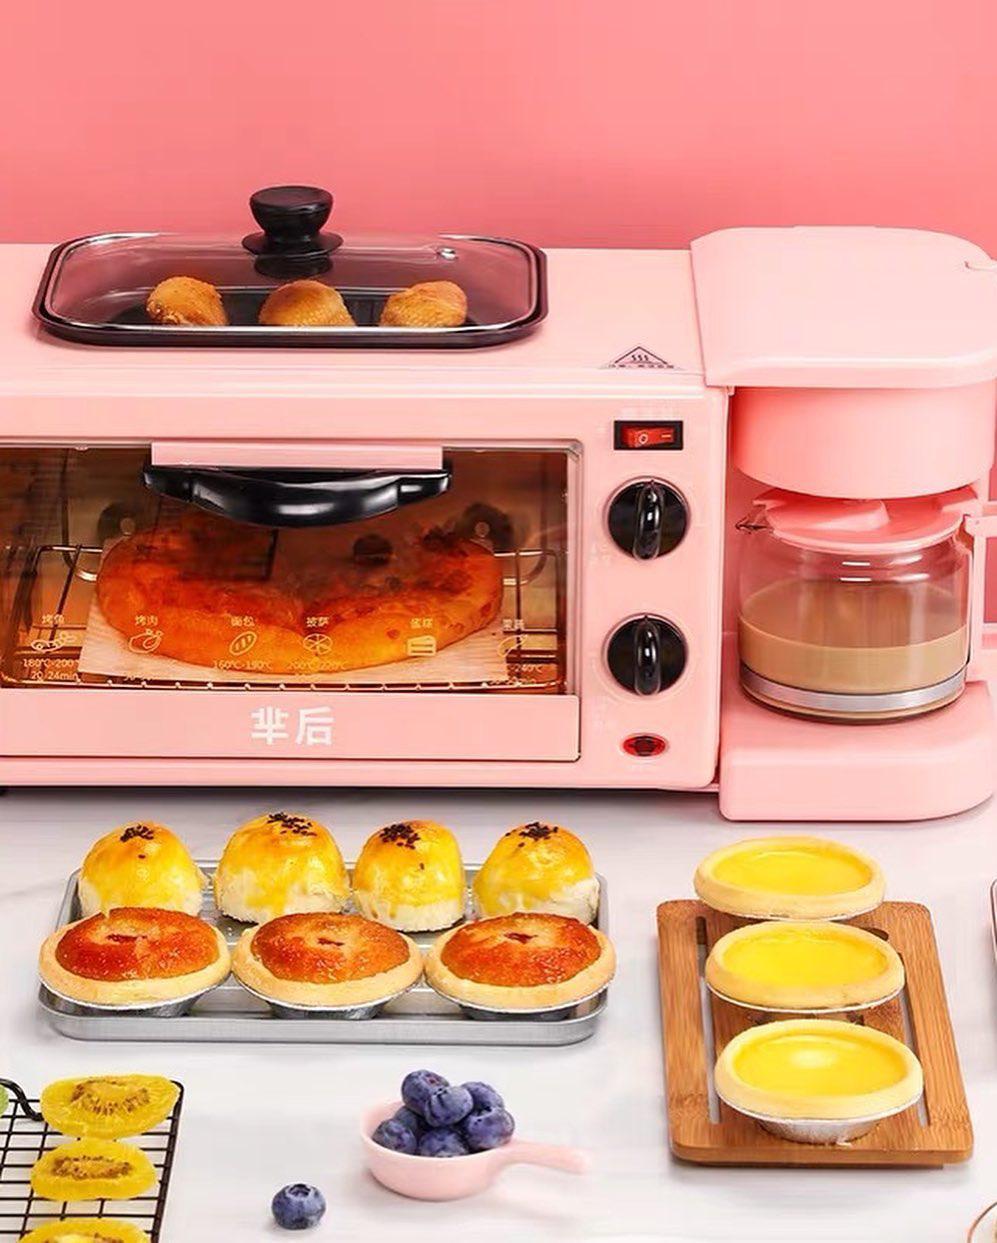 6 lò nướng siêu xinh giá chỉ từ 499k, sắm về lên mood nấu ăn ngay - Ảnh 4.